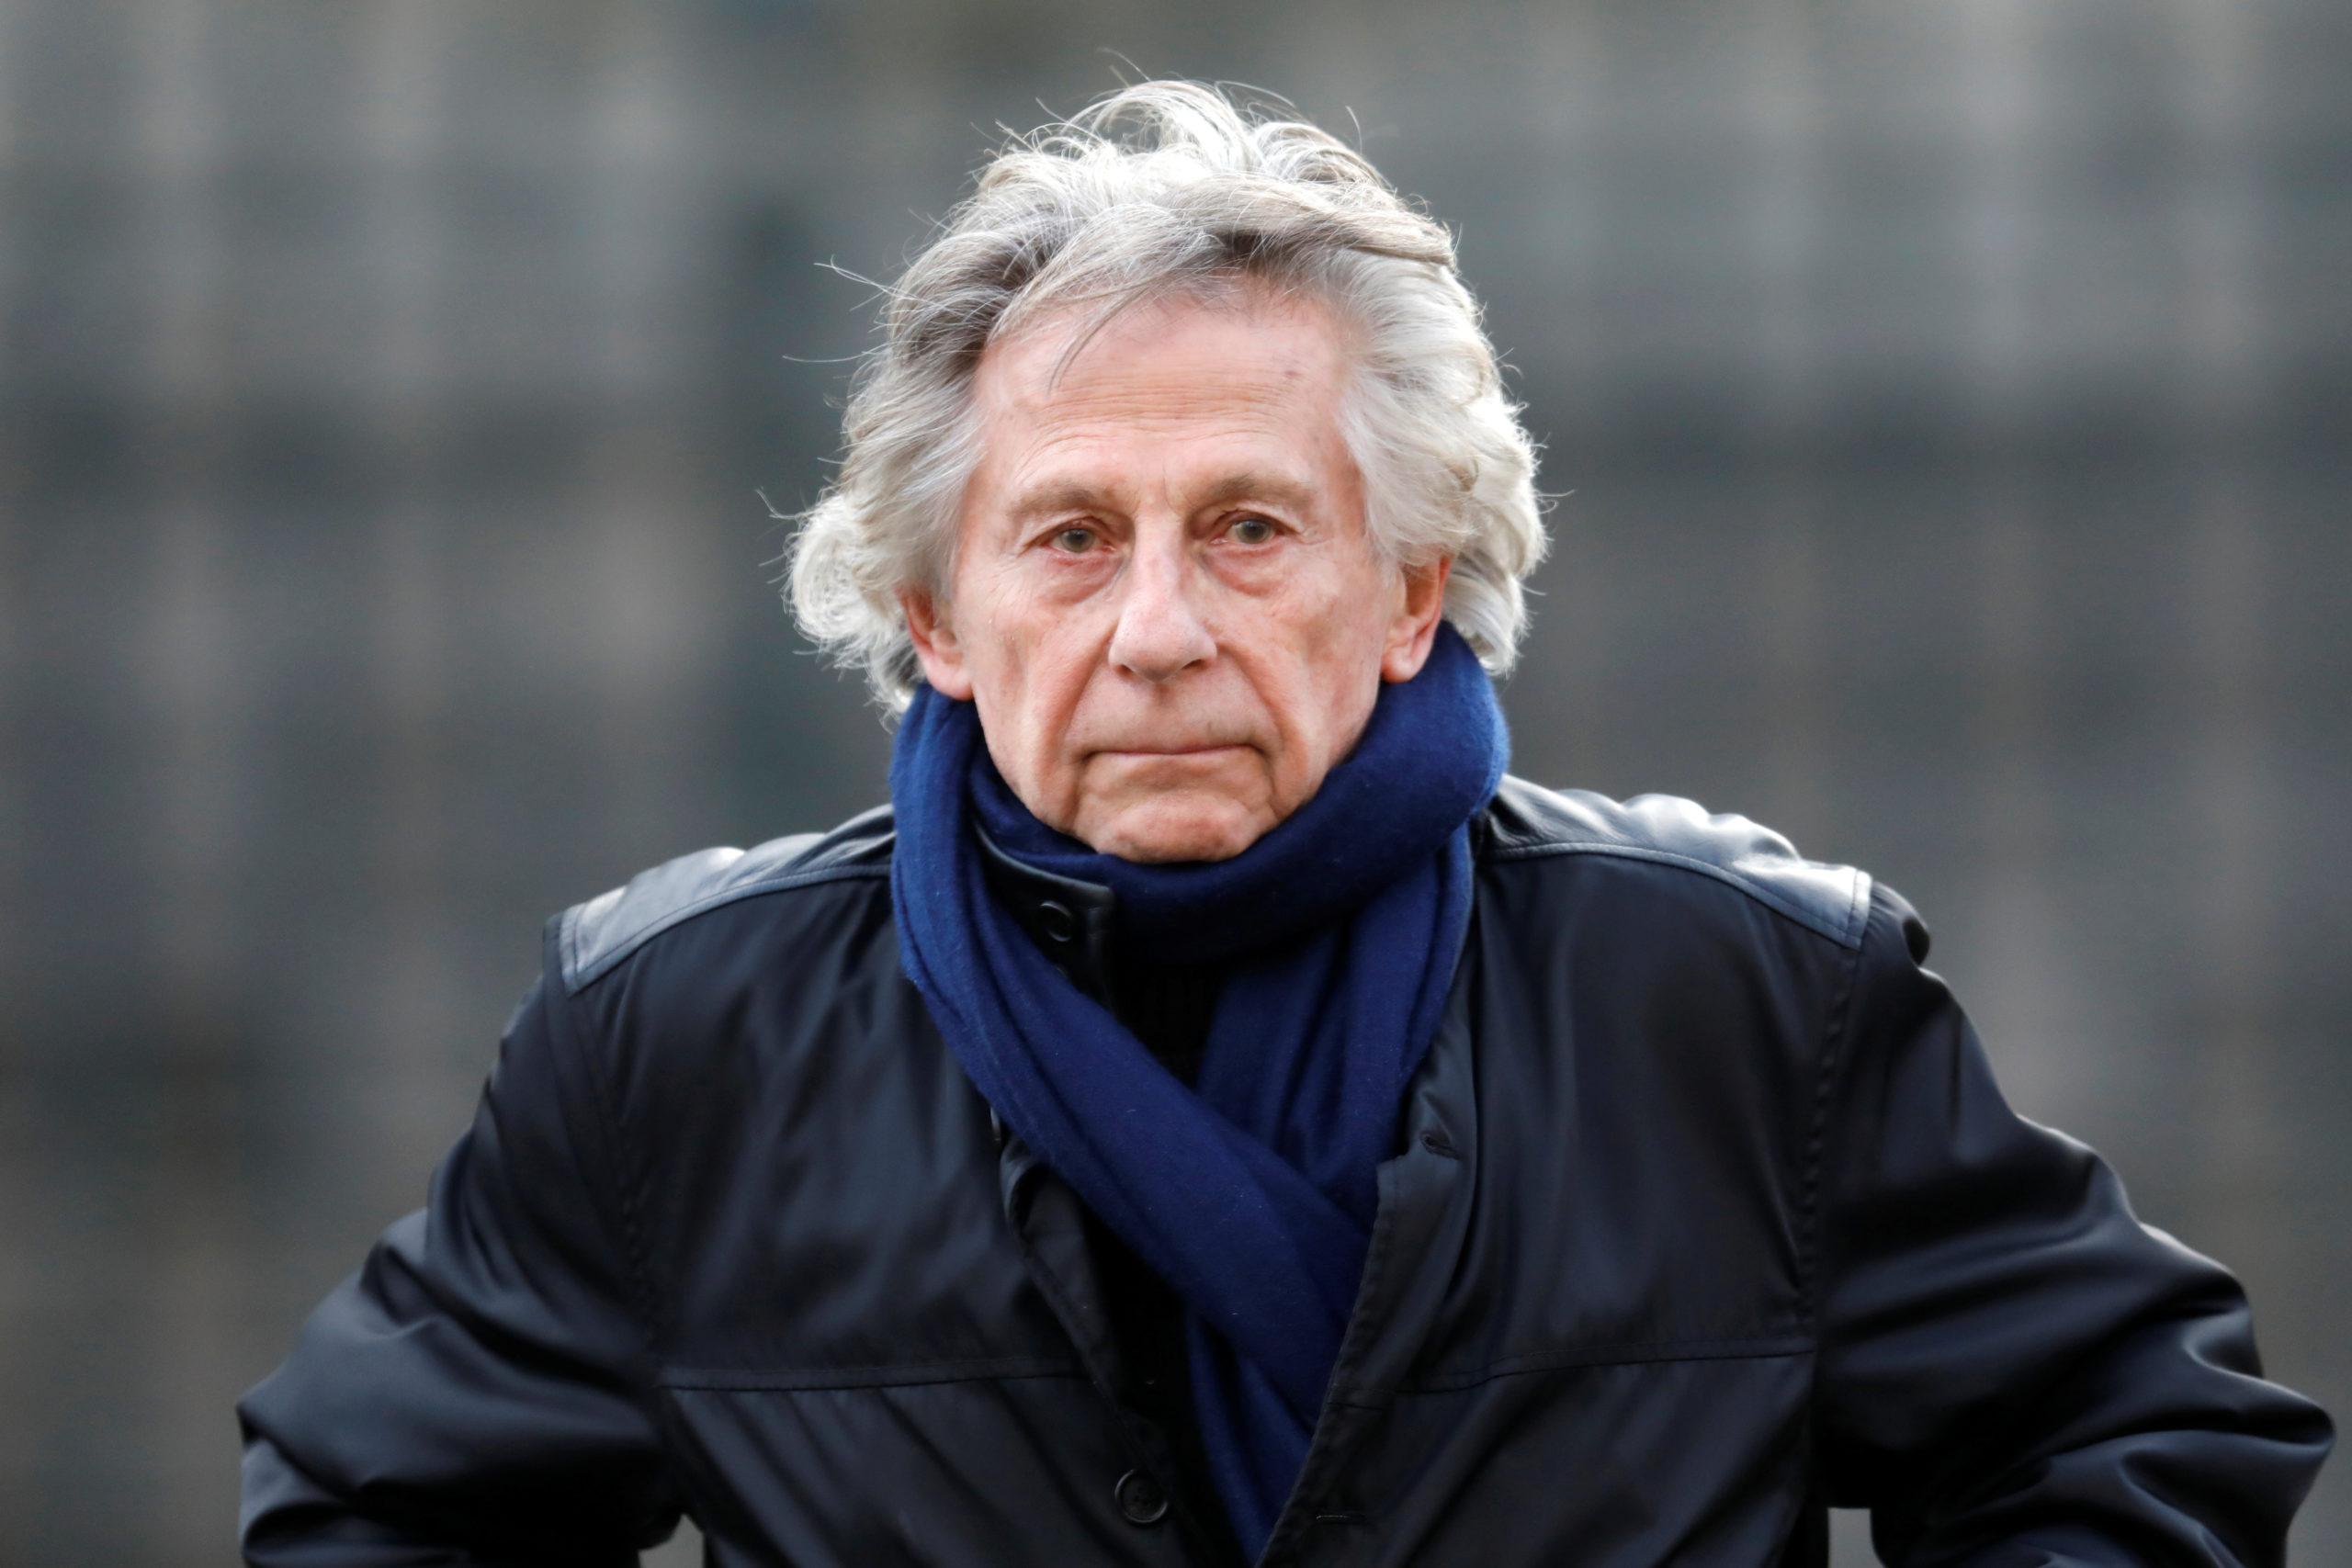 Roman Polanski, poursuivi aux USA pour relations sexuelles illégales avec une mineure, est sanctionné en France